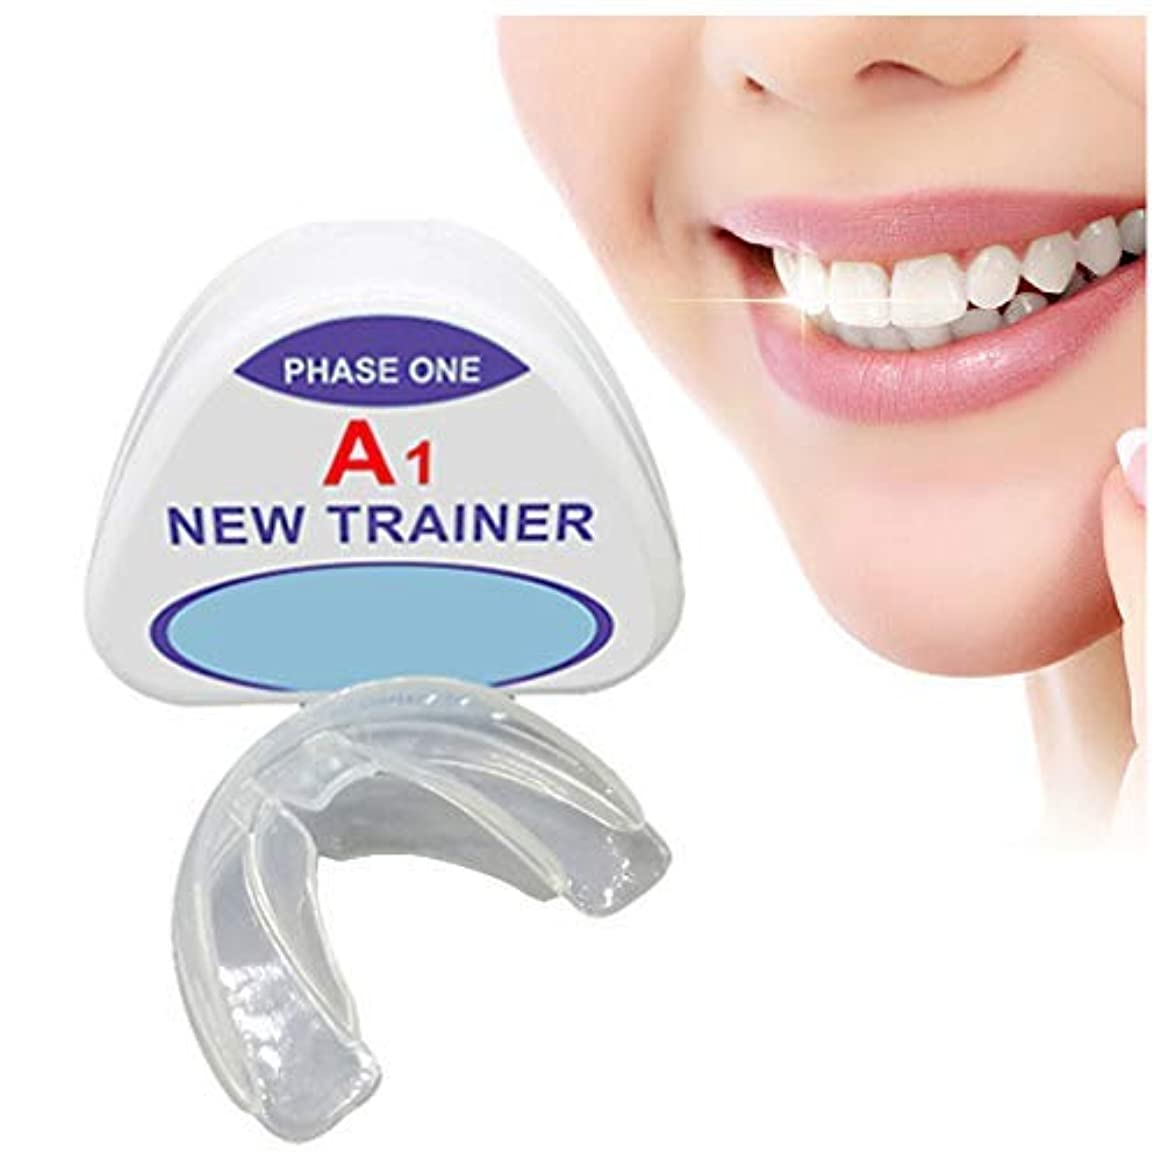 それによって遠い慣れている歯列矯正トレーナーリテーナー、歯科用マウスガード歯列矯正器具、歯用器具夜予防臼歯ブレース